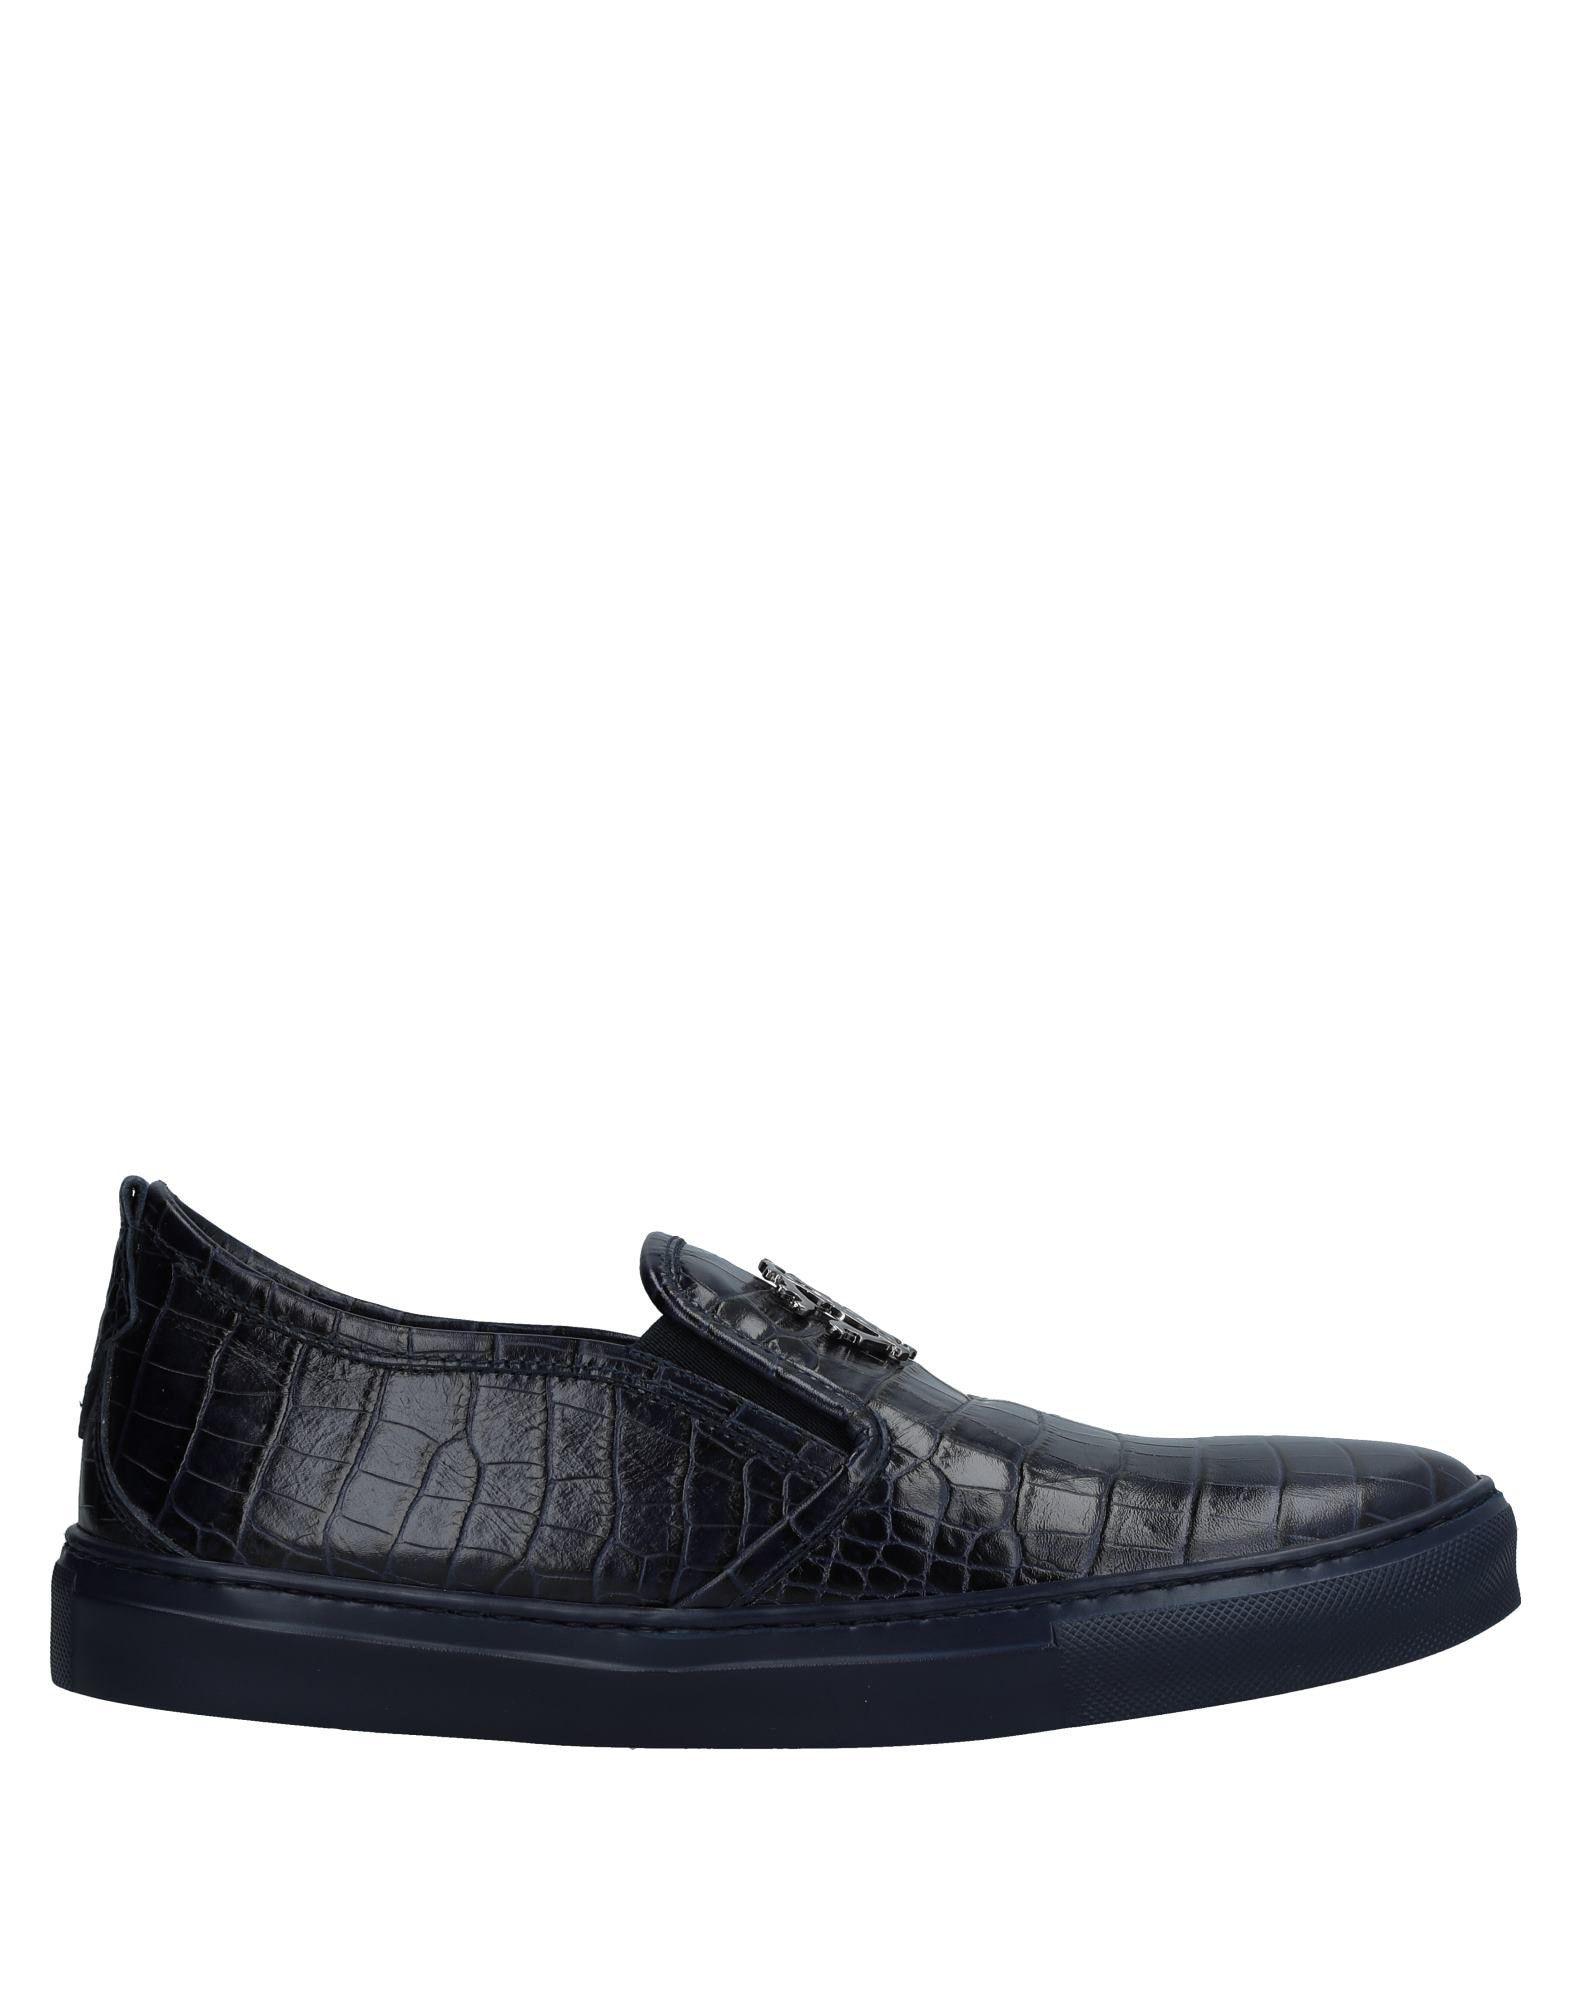 Roberto Cavalli Sneakers Herren  11528054NW Gute Qualität beliebte Schuhe